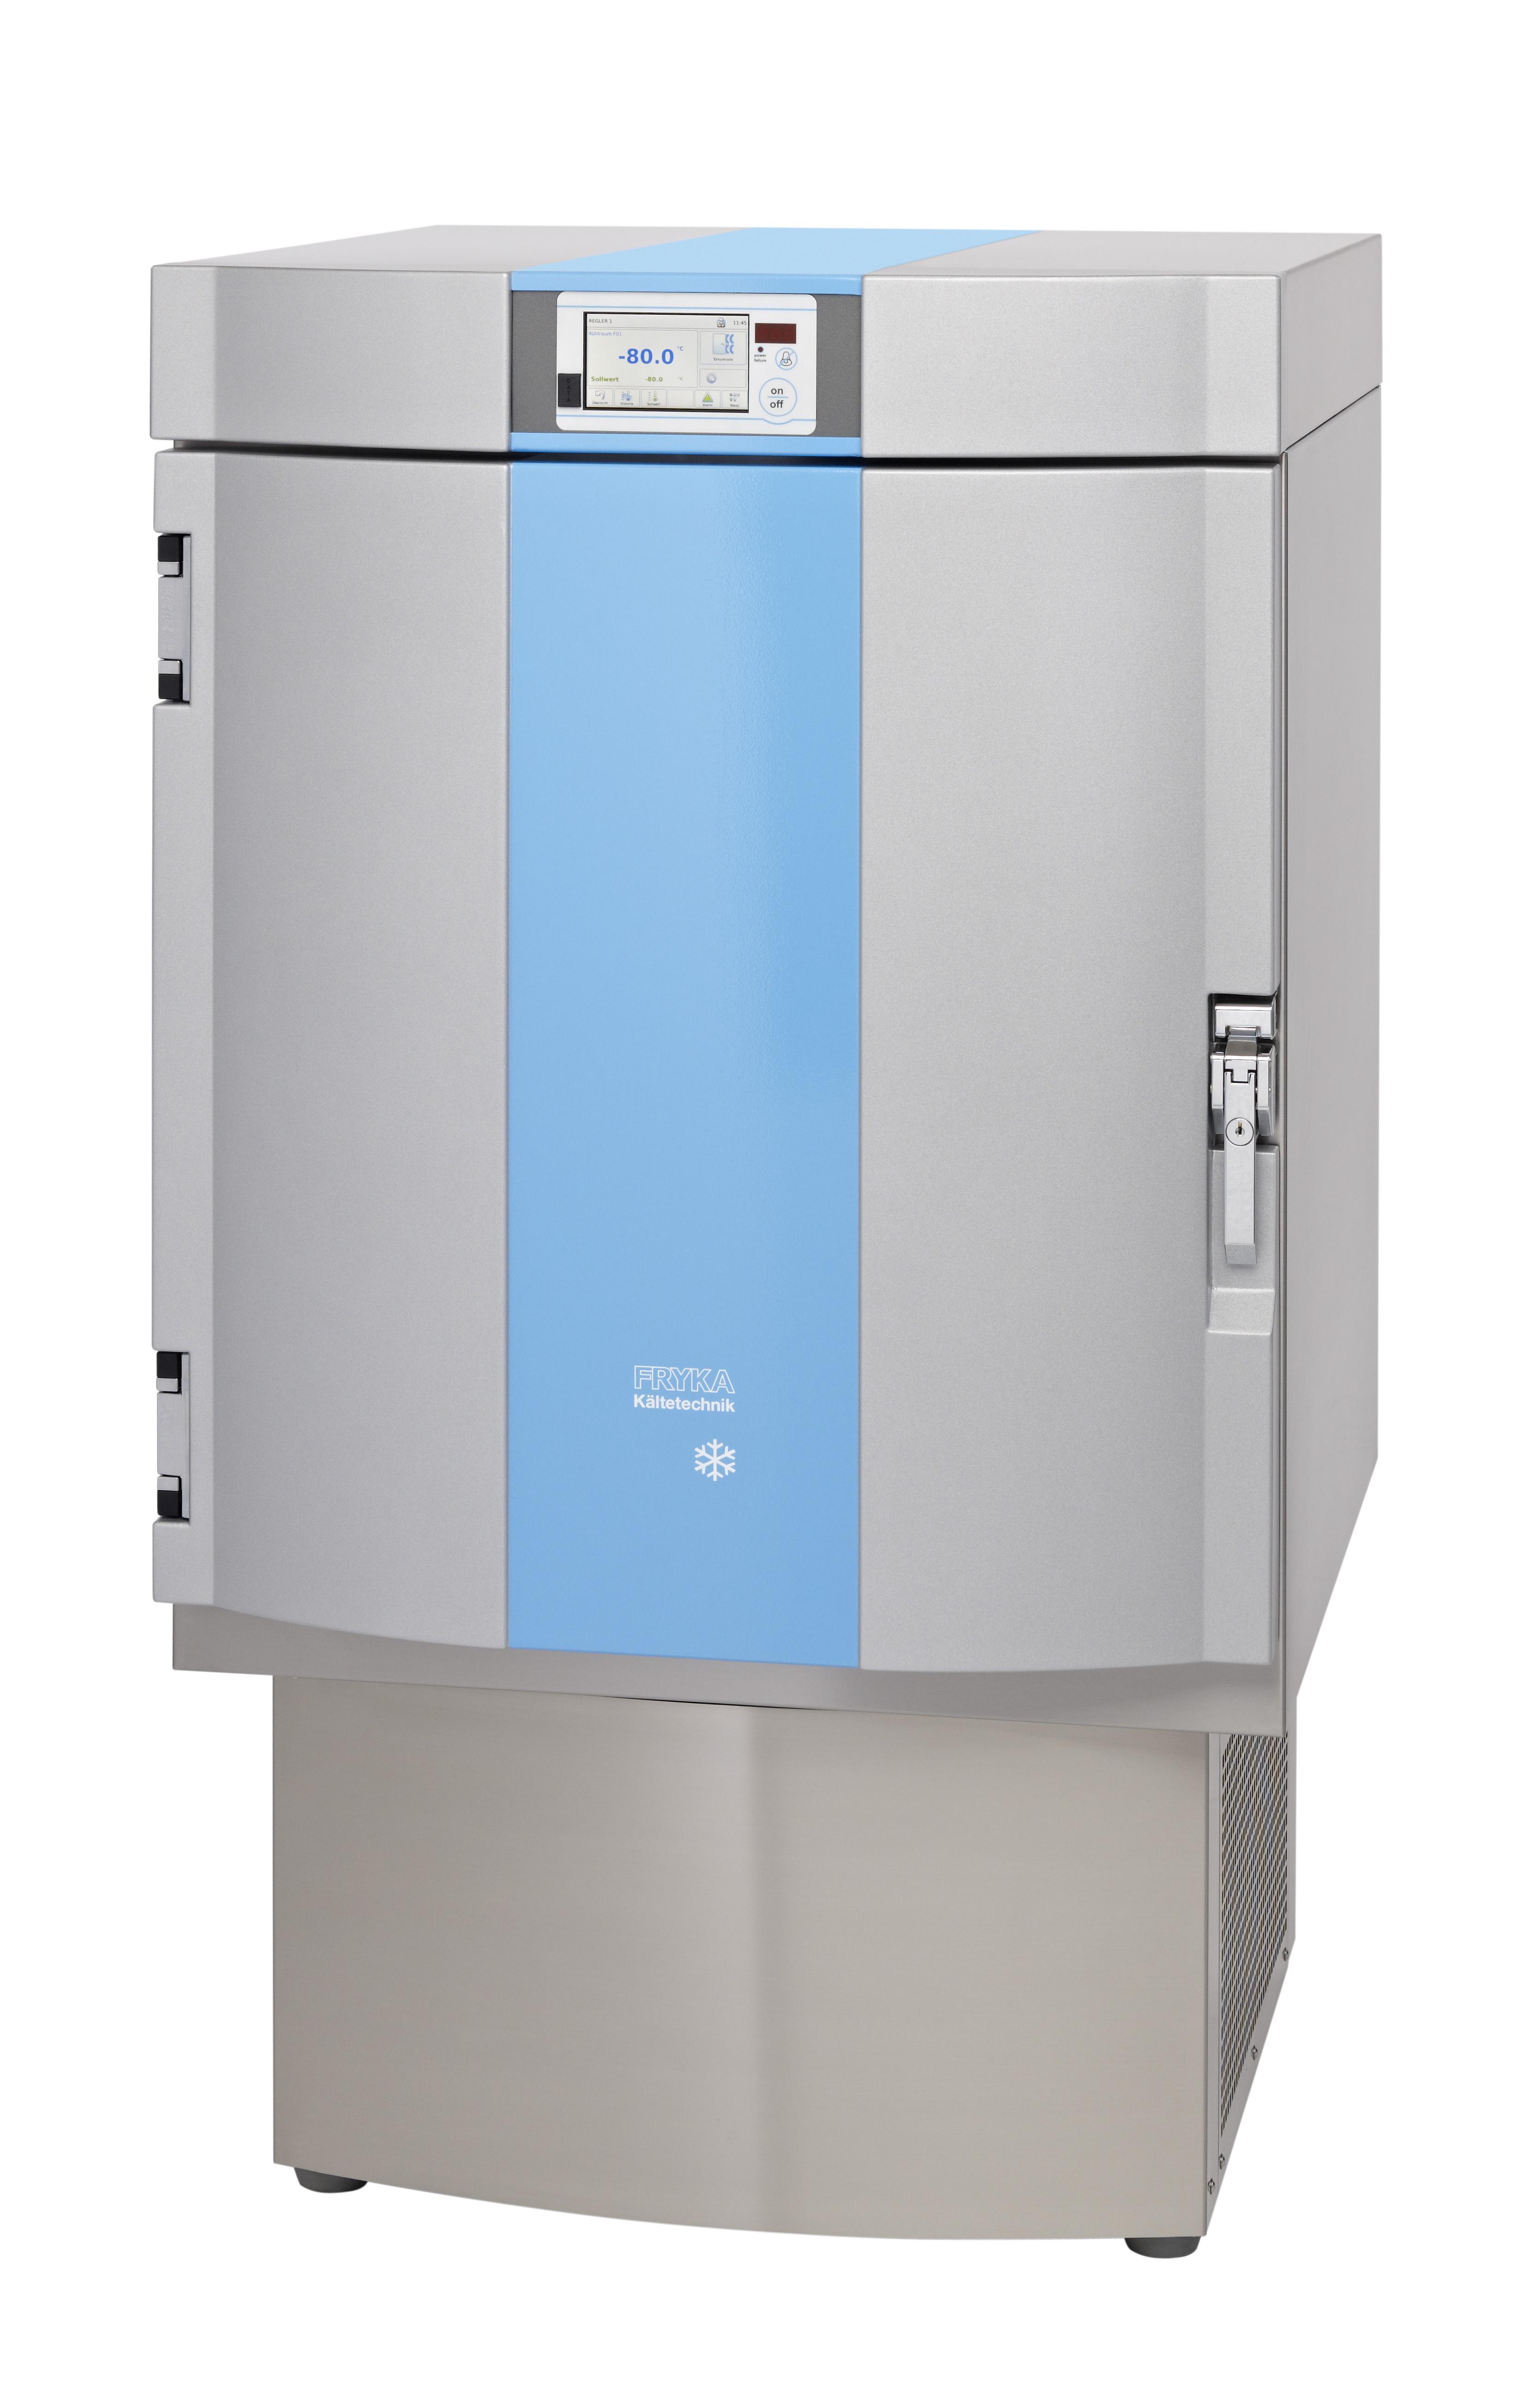 FRYKA Tiefkühlschrank TS 80-100 logg (-50°C bis -80°C)